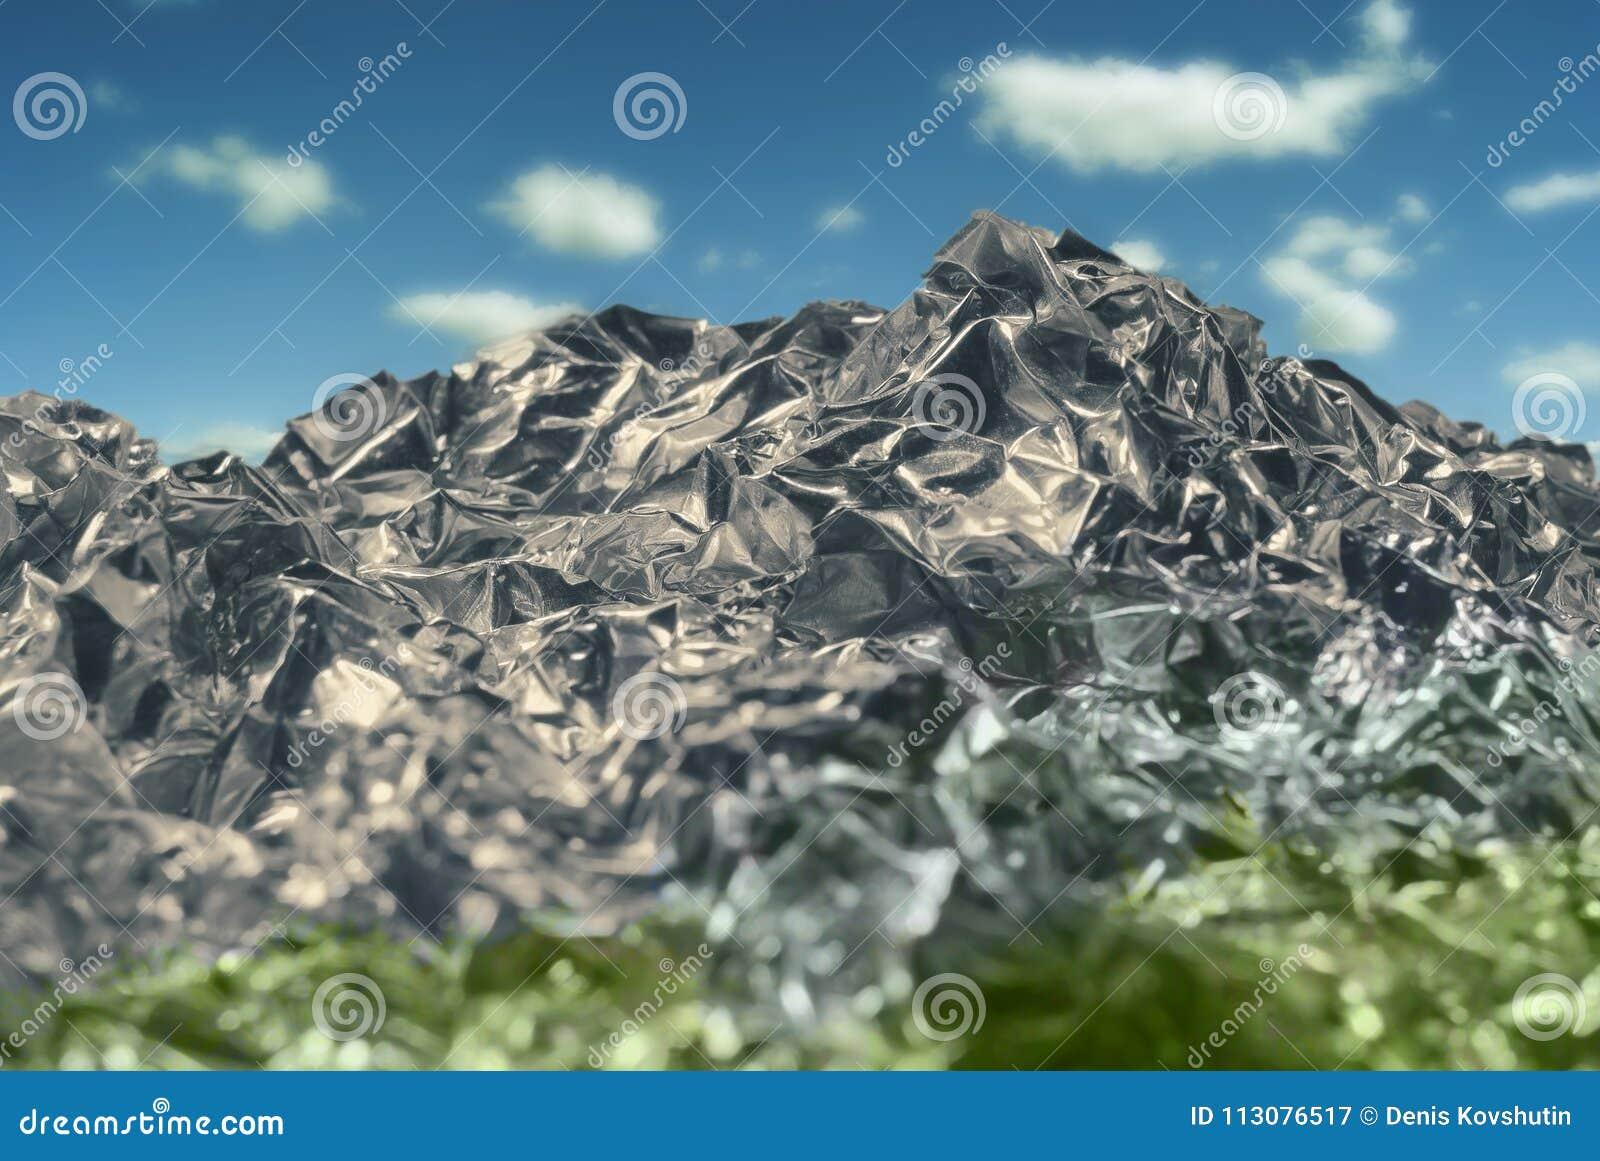 Textura de la hoja de metal gris plateada arrugada con un primer de la abolladura bajo la forma de paisaje de la montaña con el c